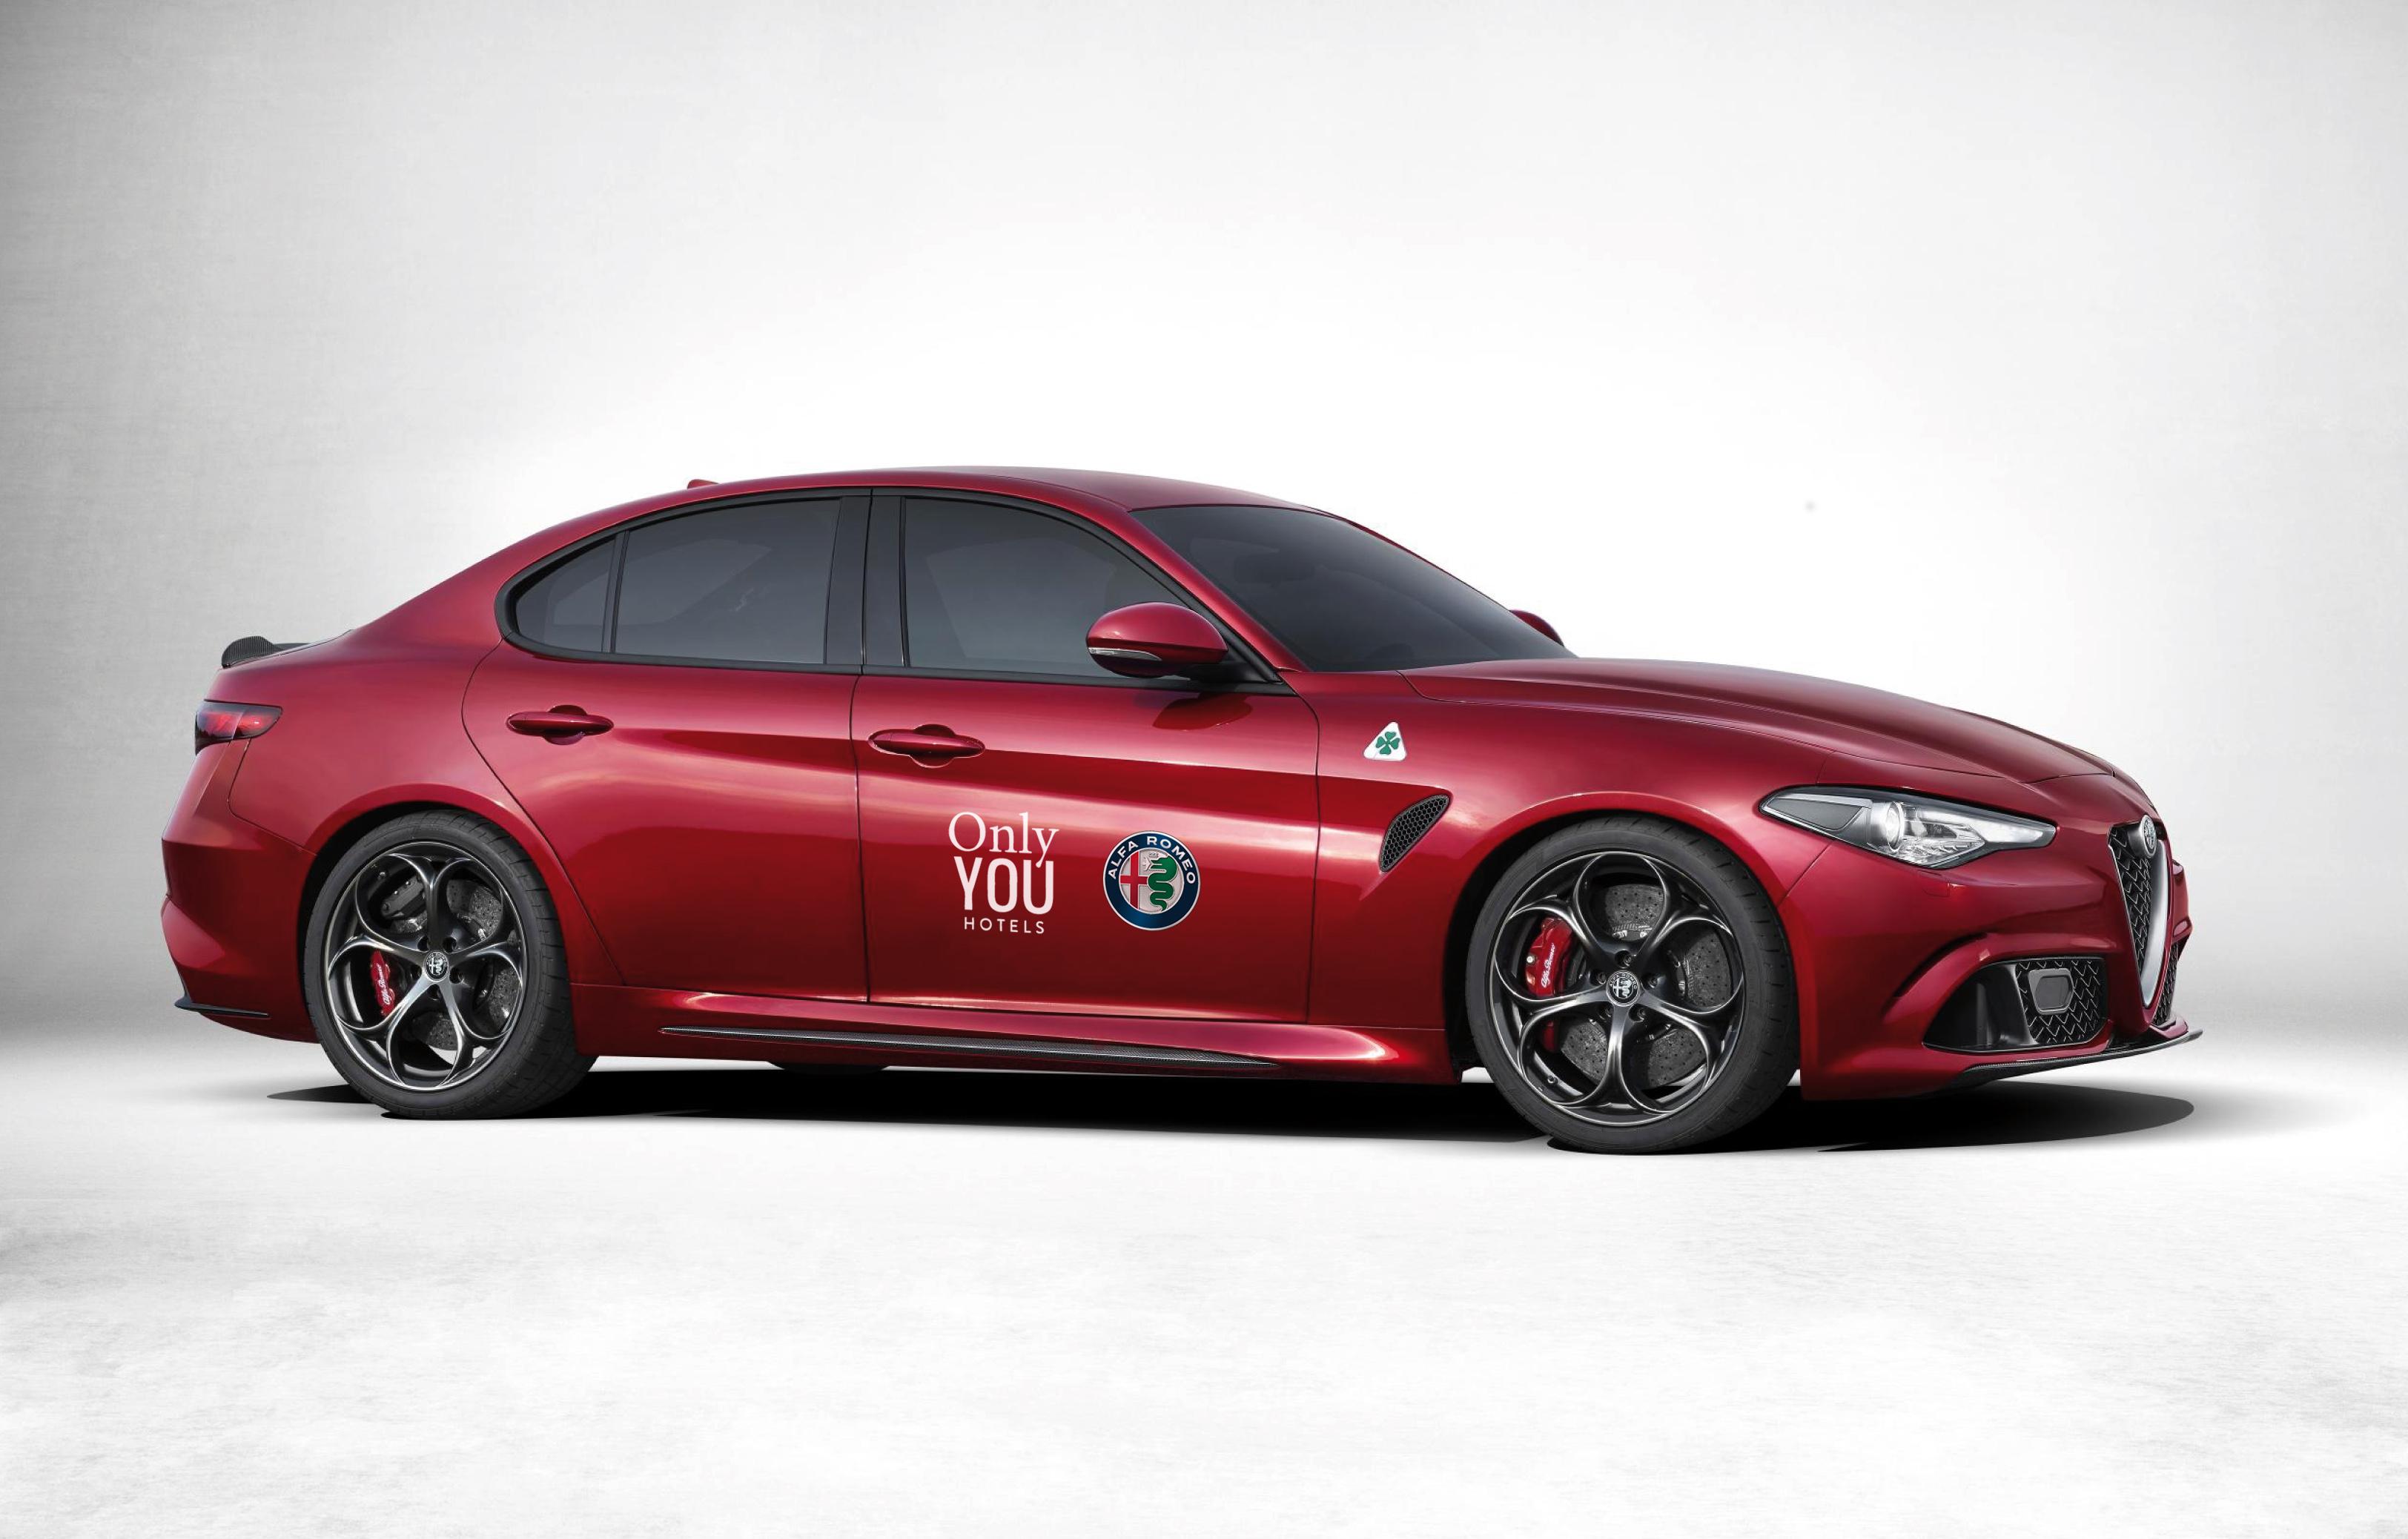 Alfa Romeo Con Su Flamante Giulia Y Only You Hotels Se